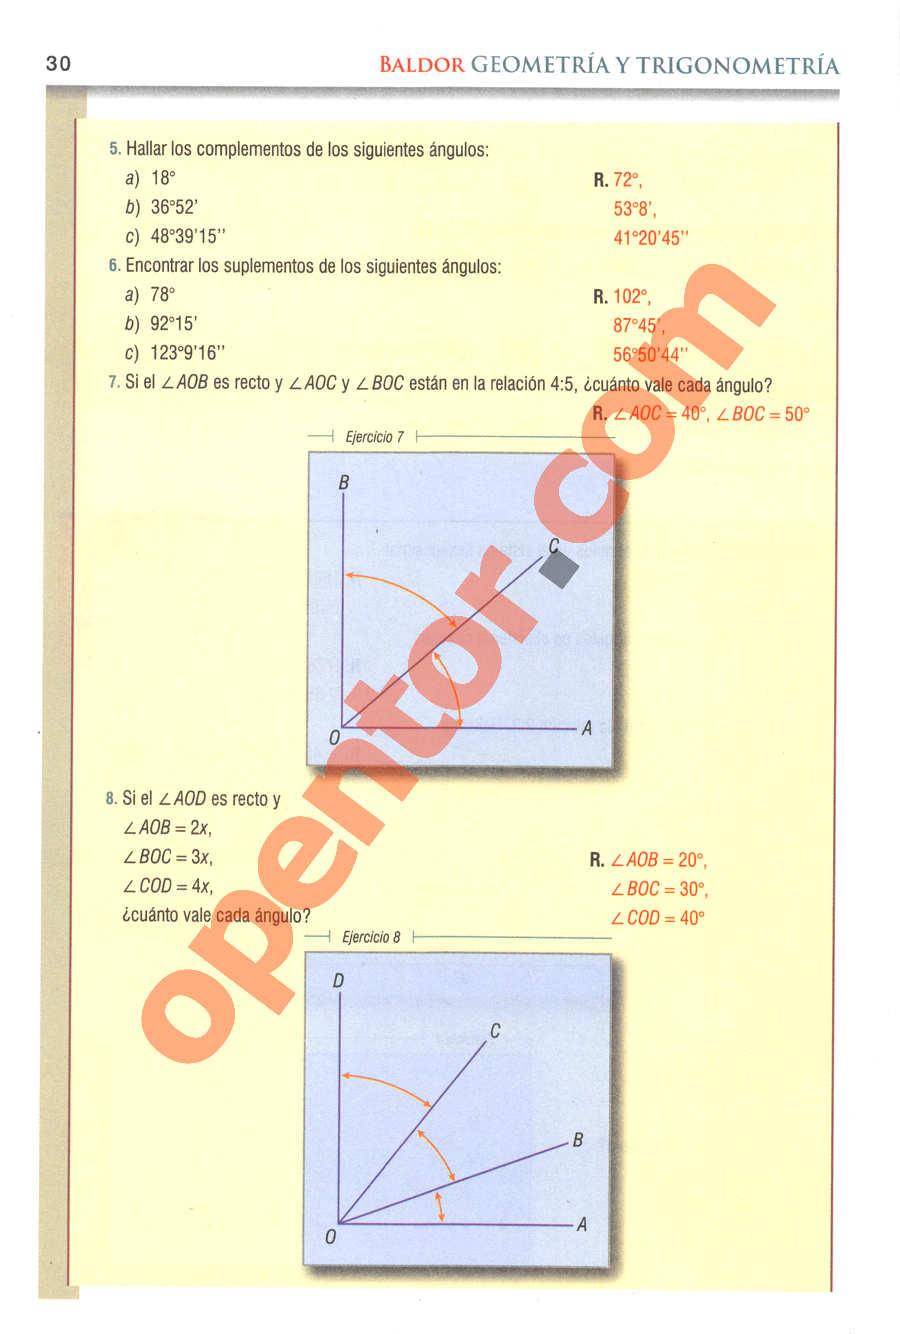 Geometría y Trigonometría de Baldor - Página 30